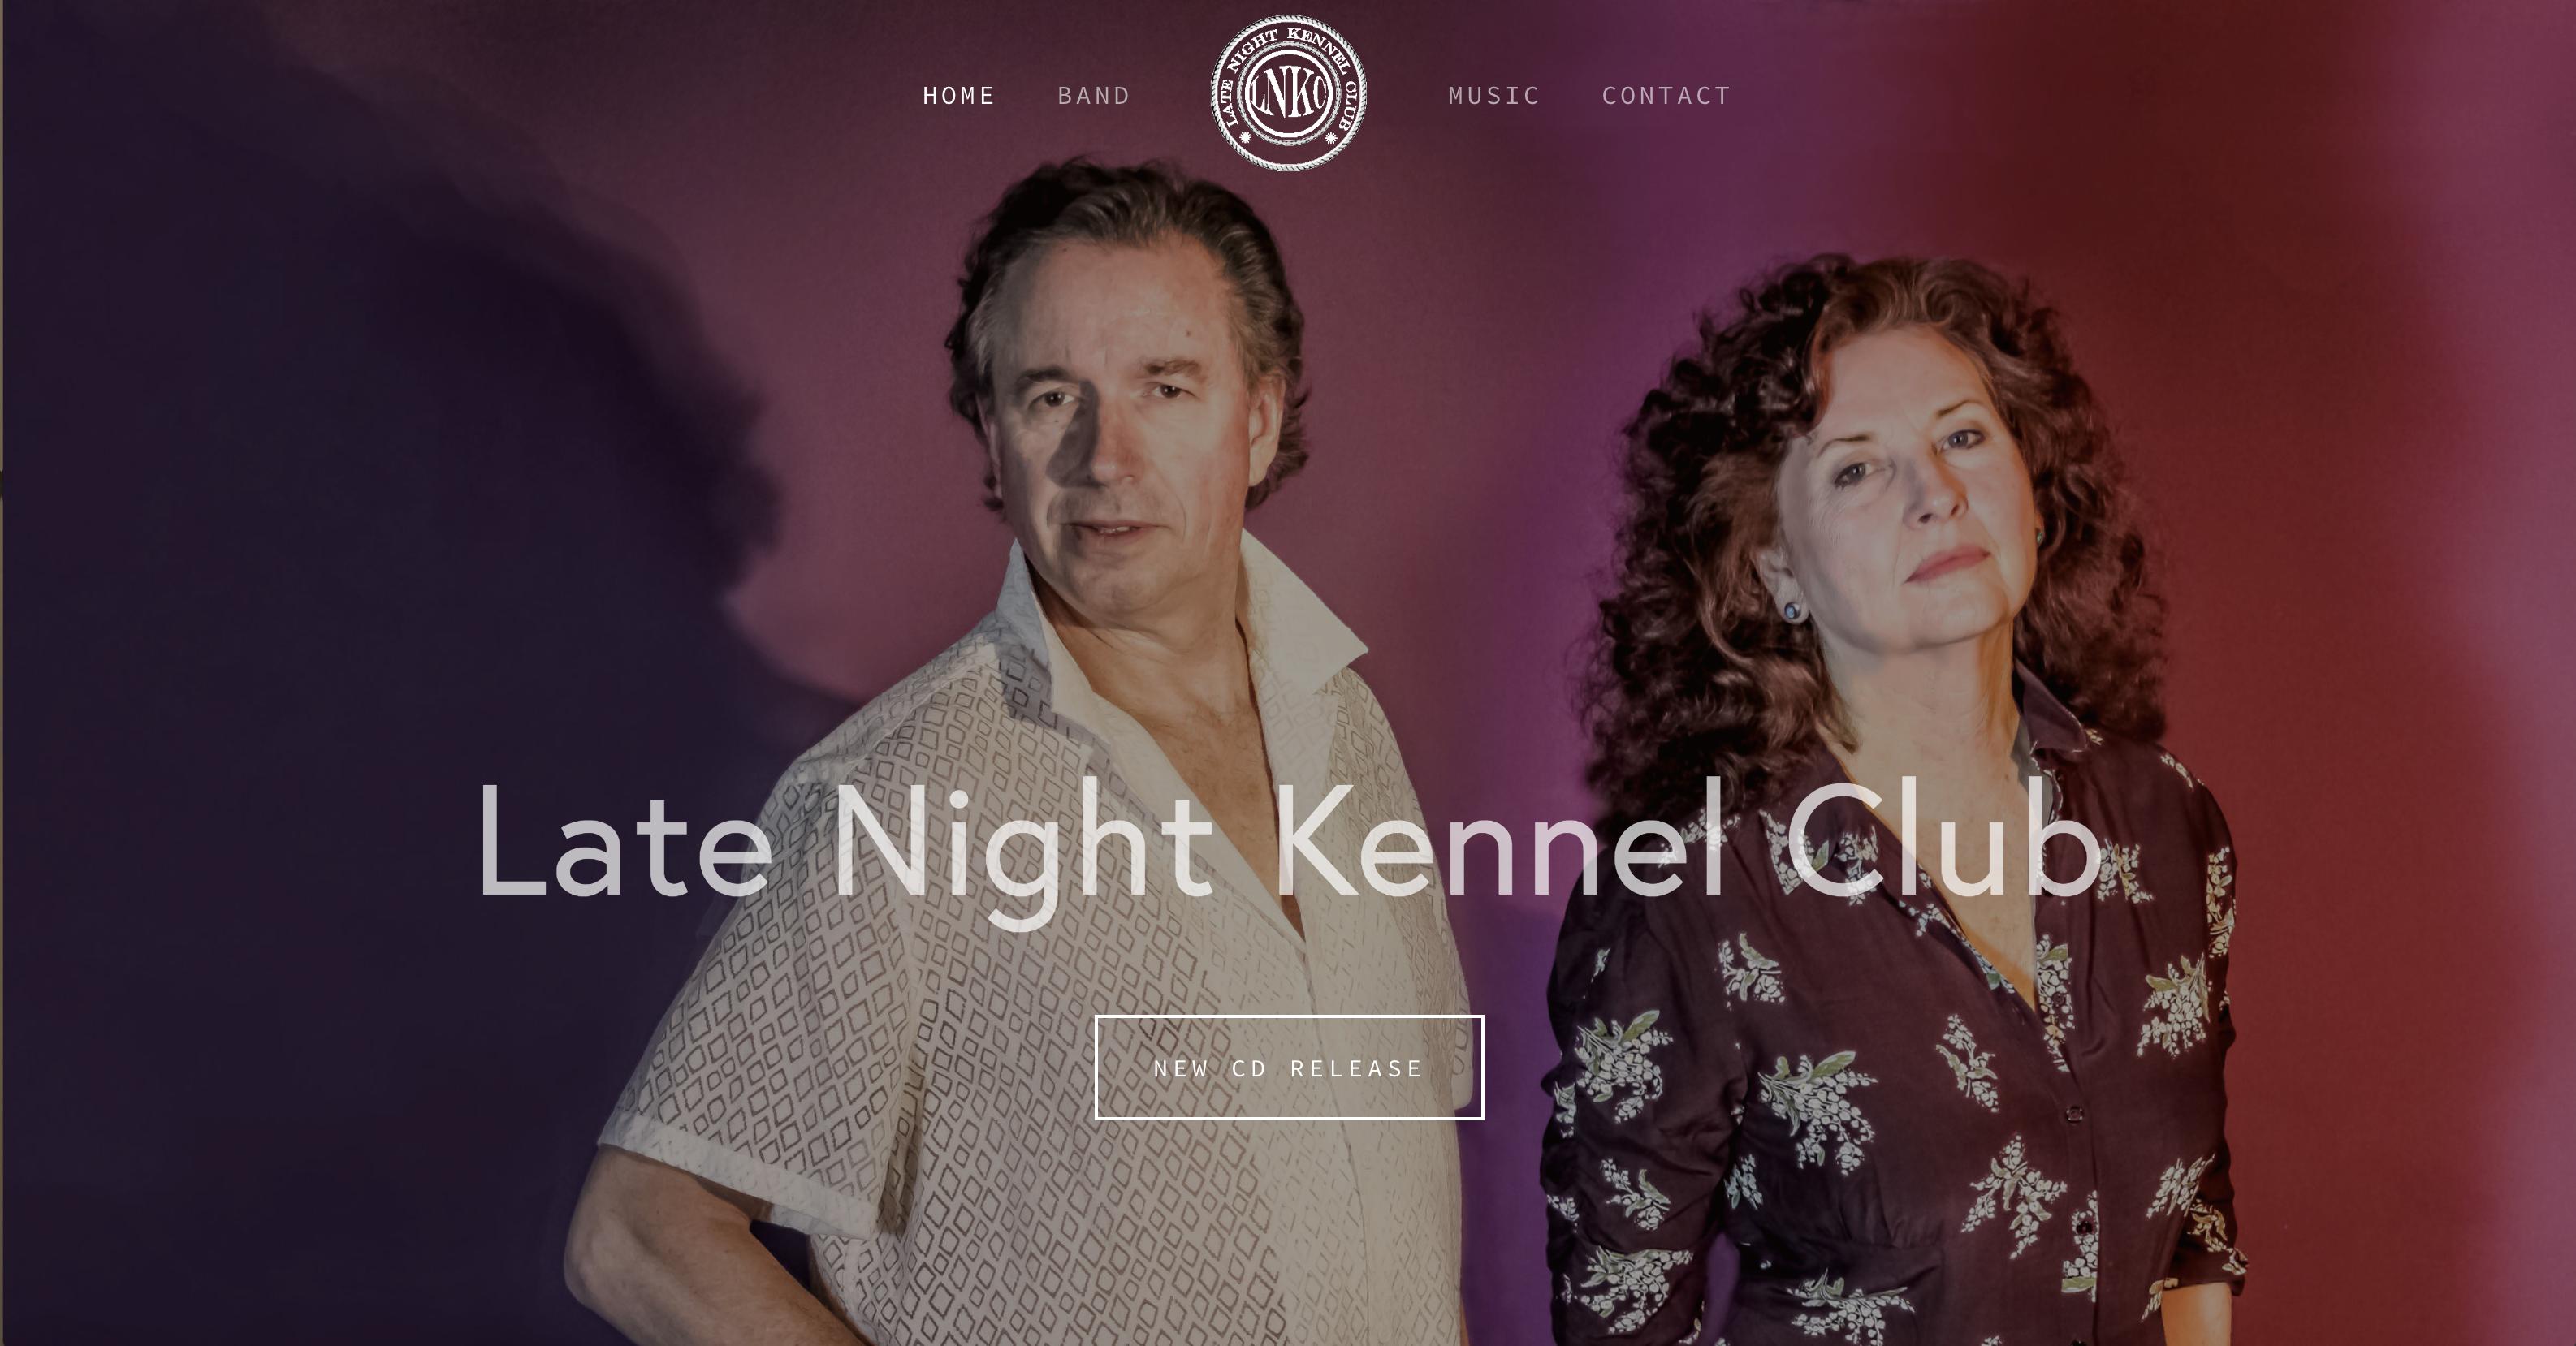 Late Night Kennel Club